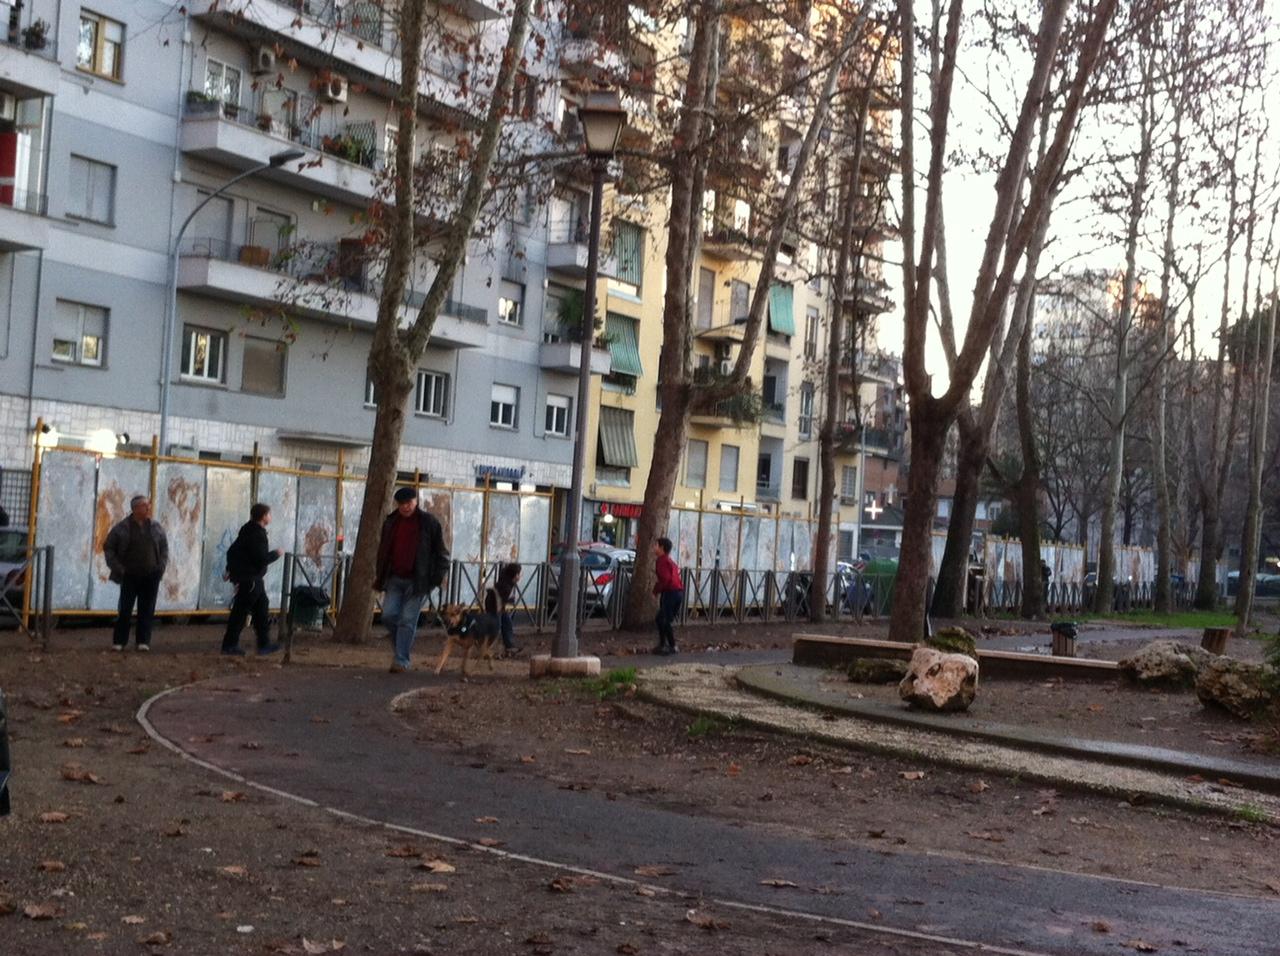 Roma fa schifo una citt sotterrata dietro ad una coltre - Non ho fatto il 730 cosa succede ...